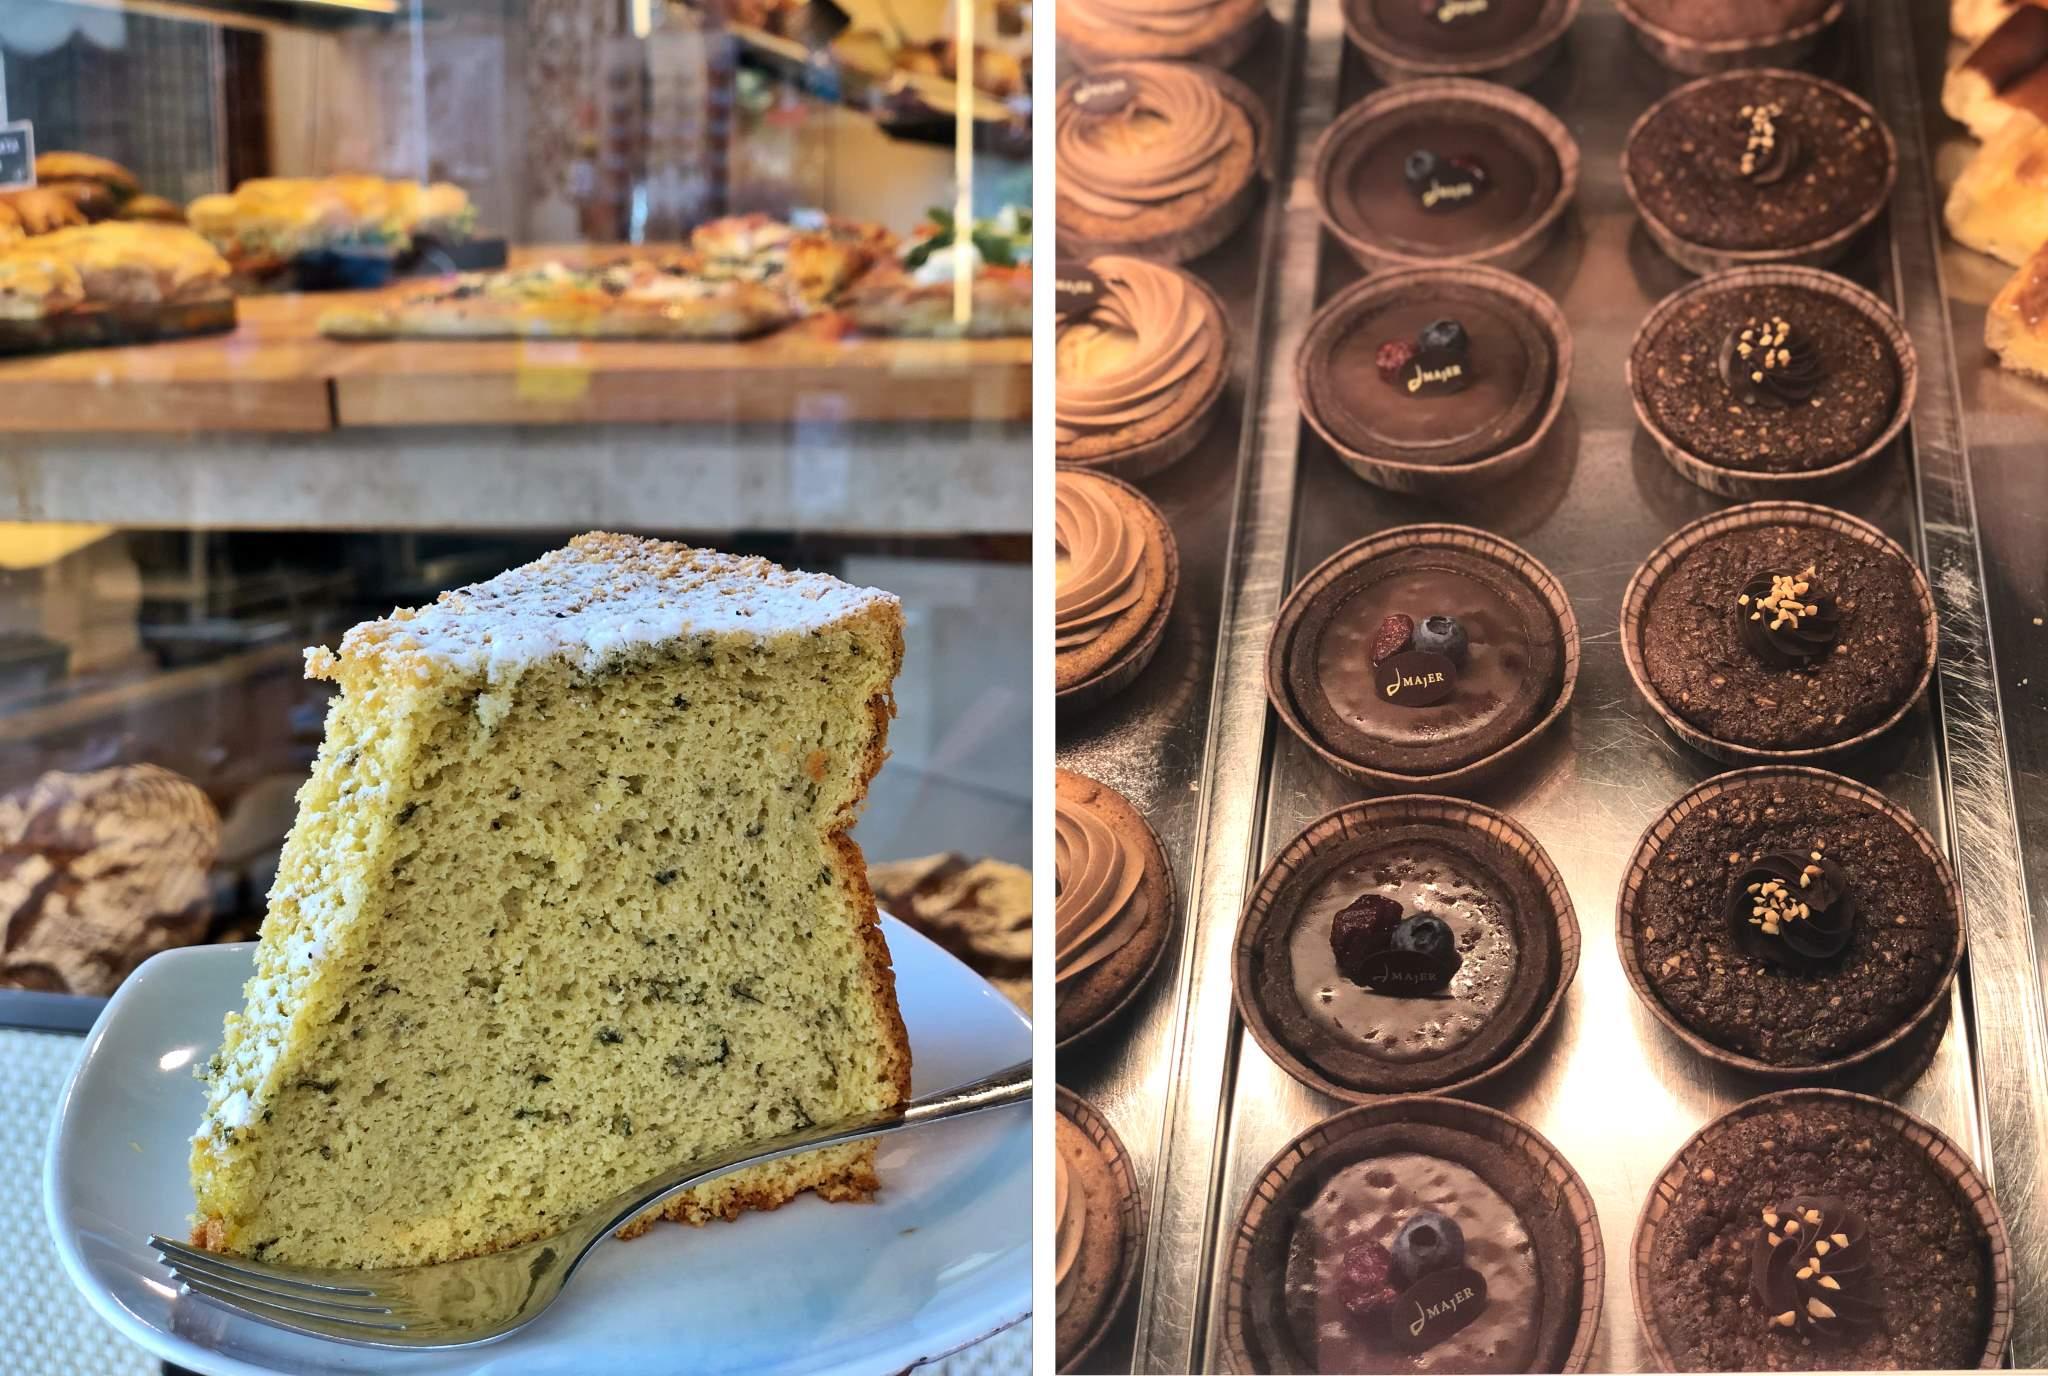 Majer Gluten Free pastries Venice Italy